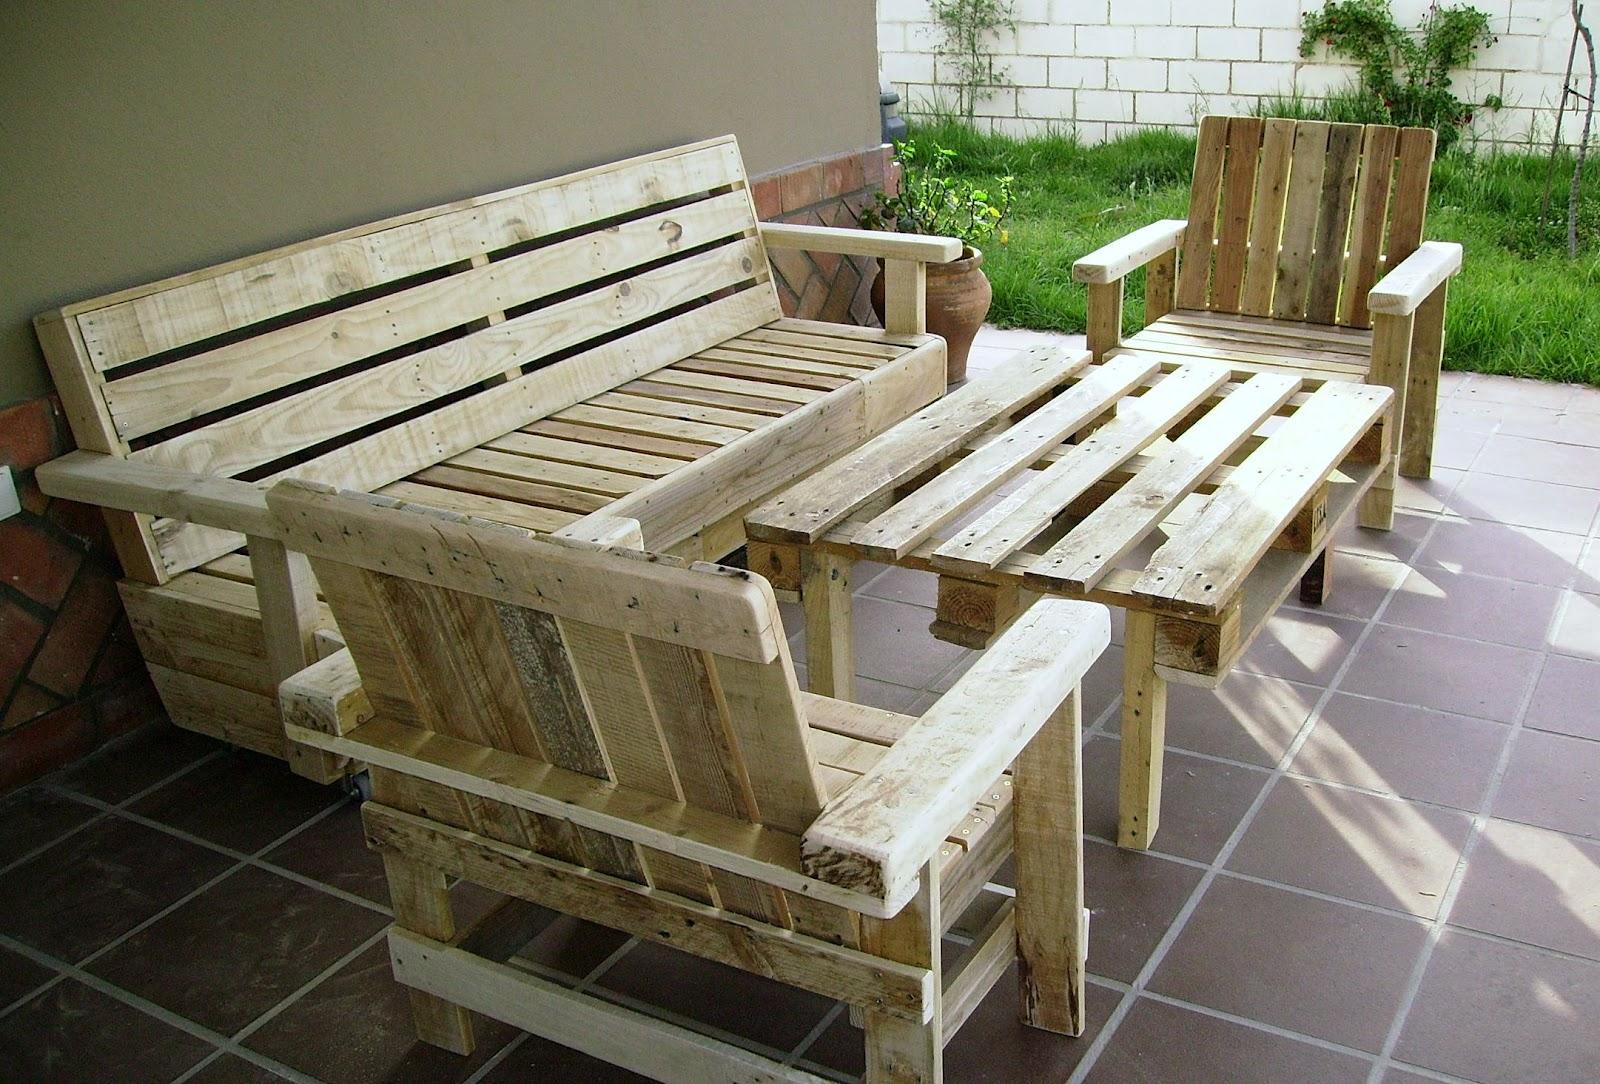 Artesanias labea muebles de exterior 100 reciclados for Muebles de jardin con palets reciclados